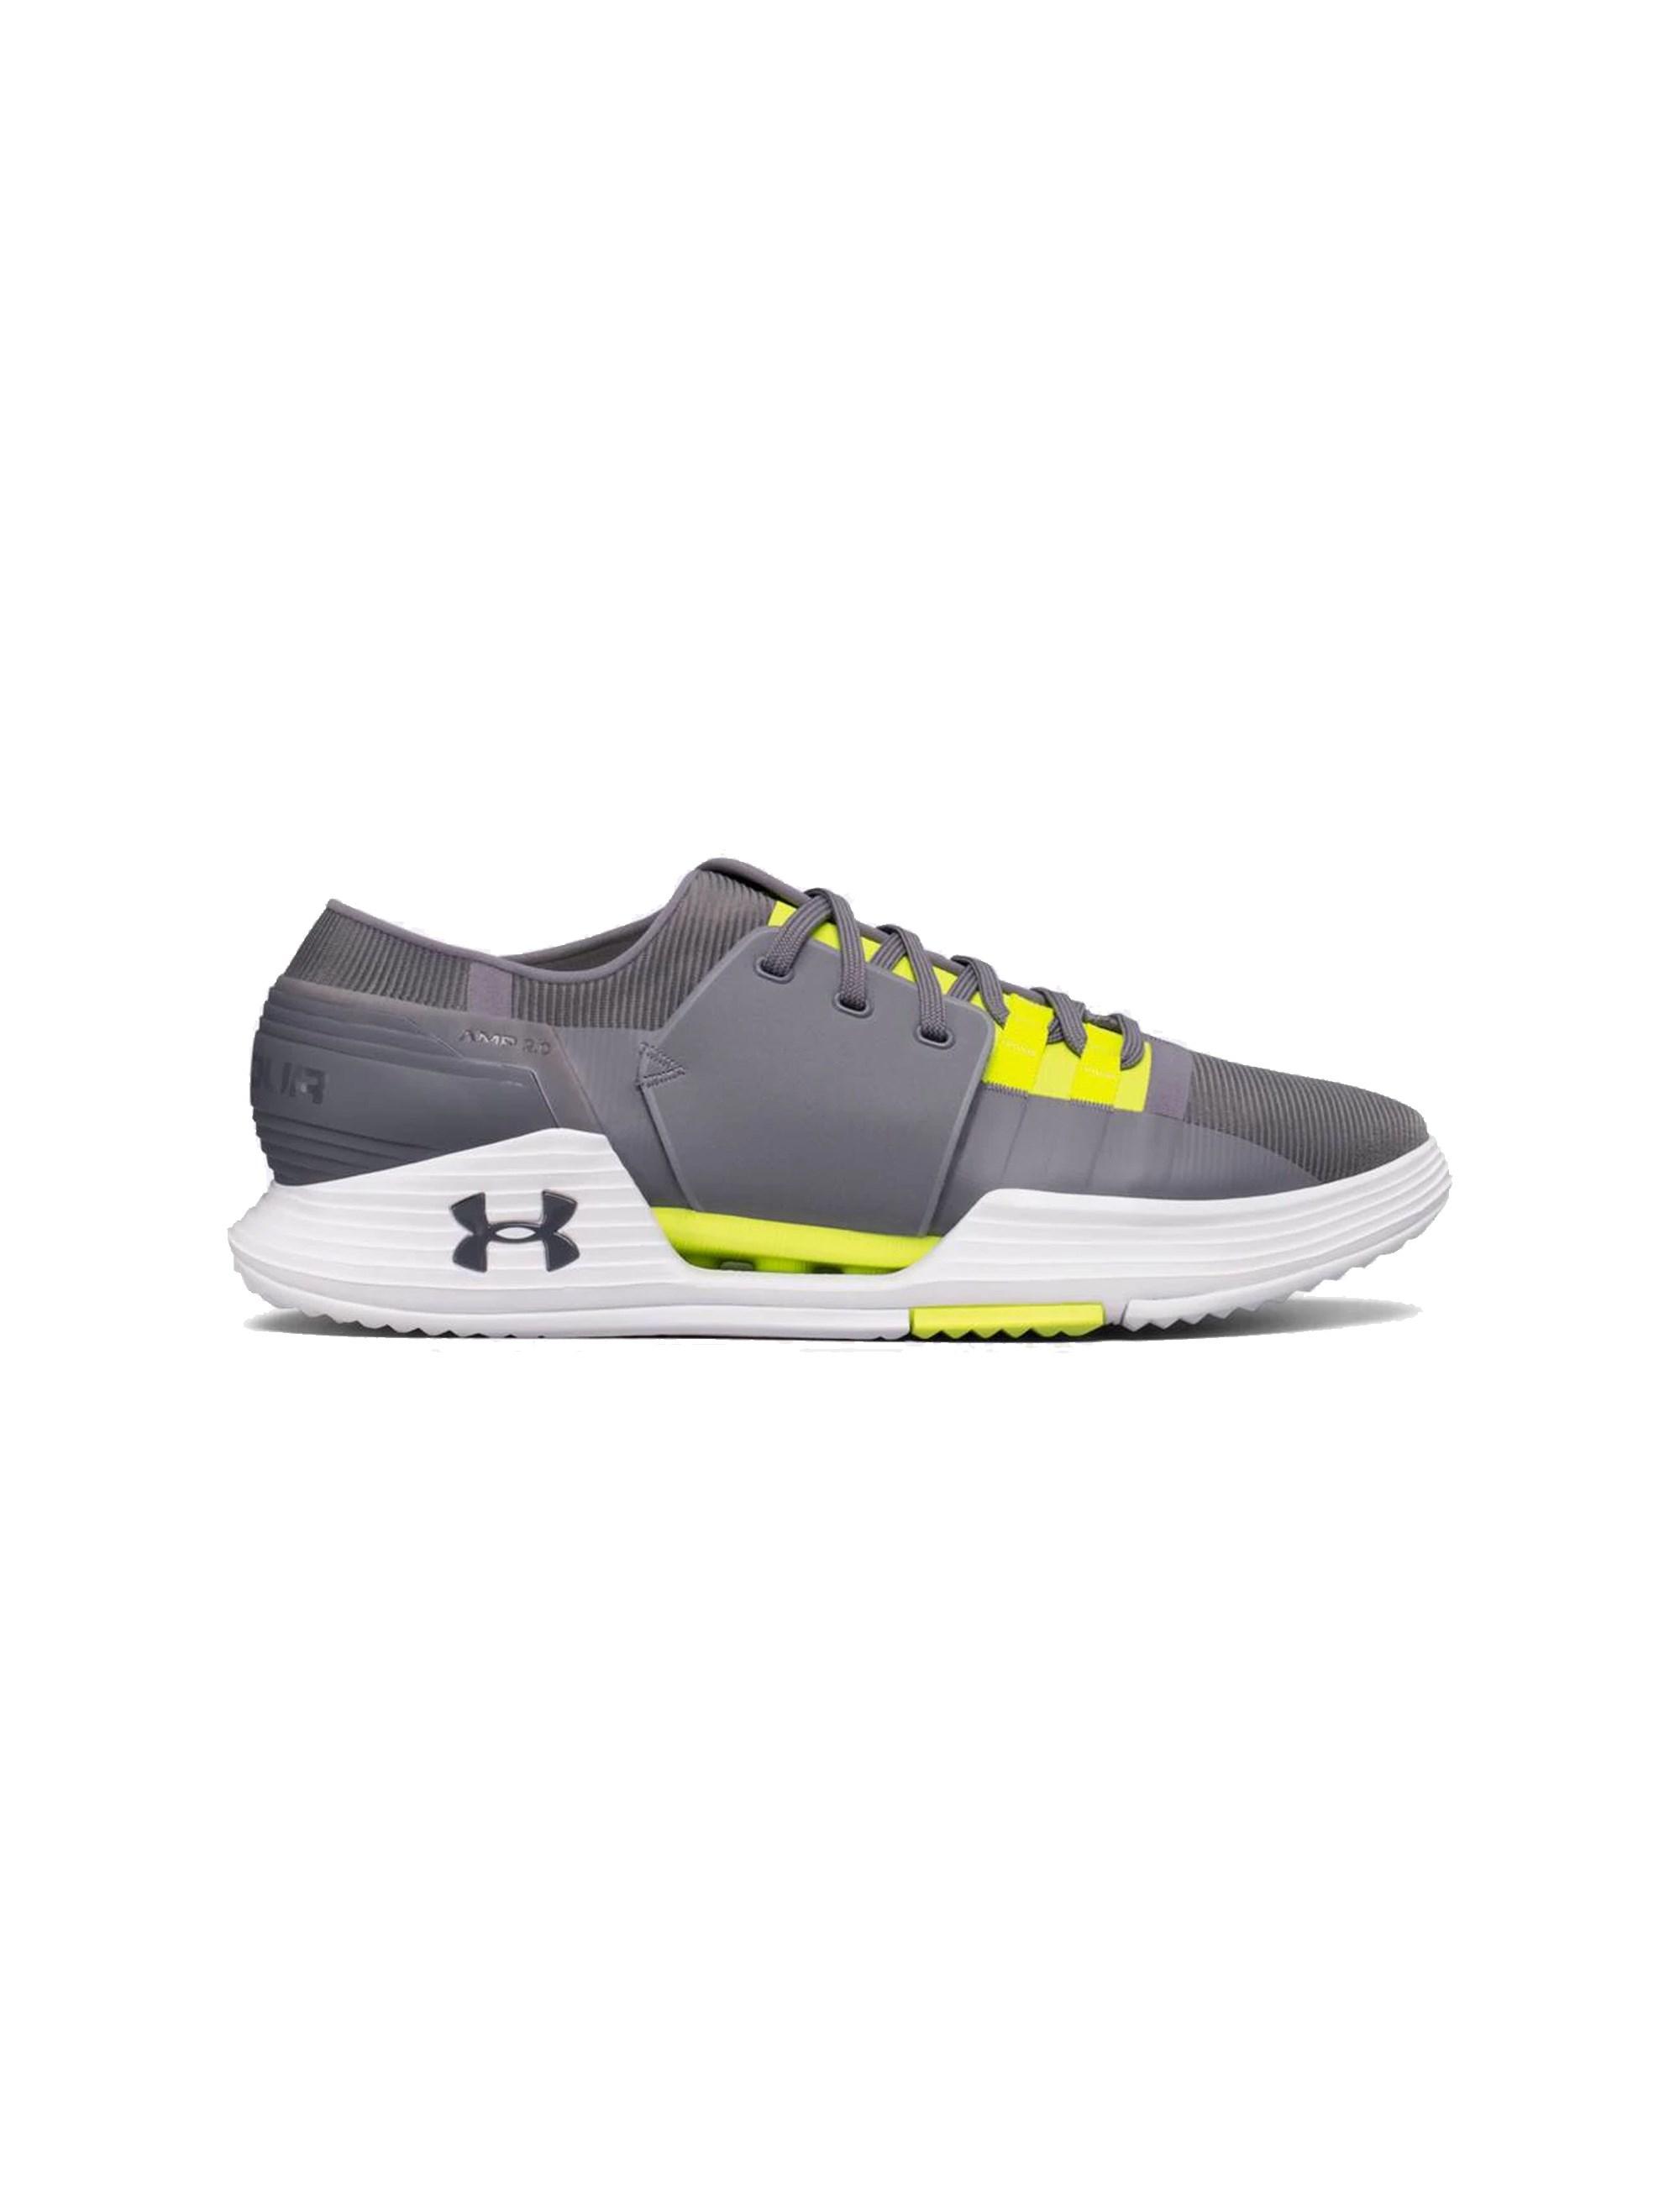 قیمت کفش تمرین بندی مردانه SpeedForm AMP 2 - آندر آرمور